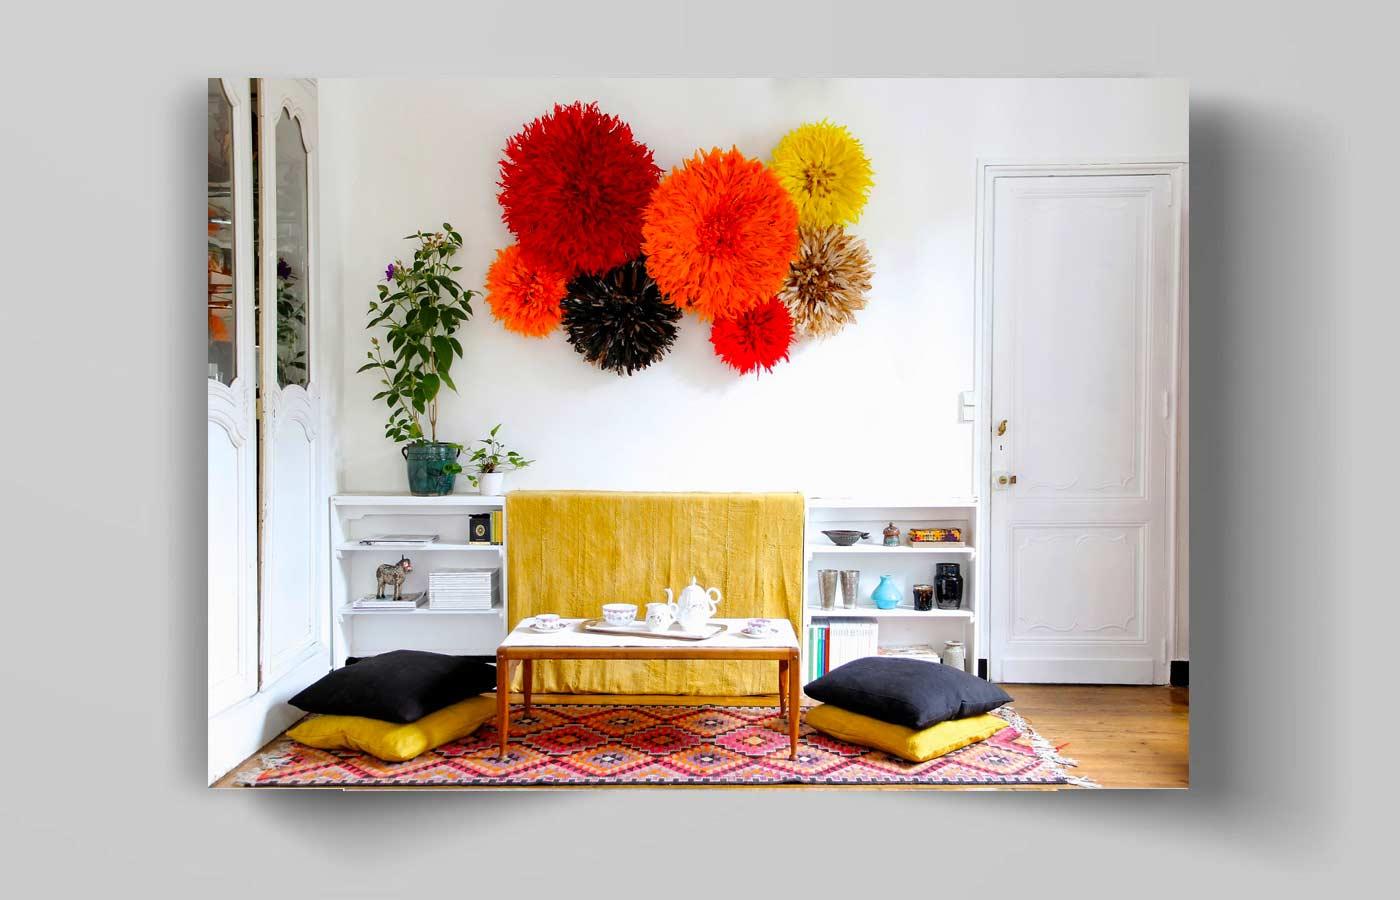 آویز دیواری در دکوراسیون منزل - انواع آویز دیواری در دکوراسیون منزل